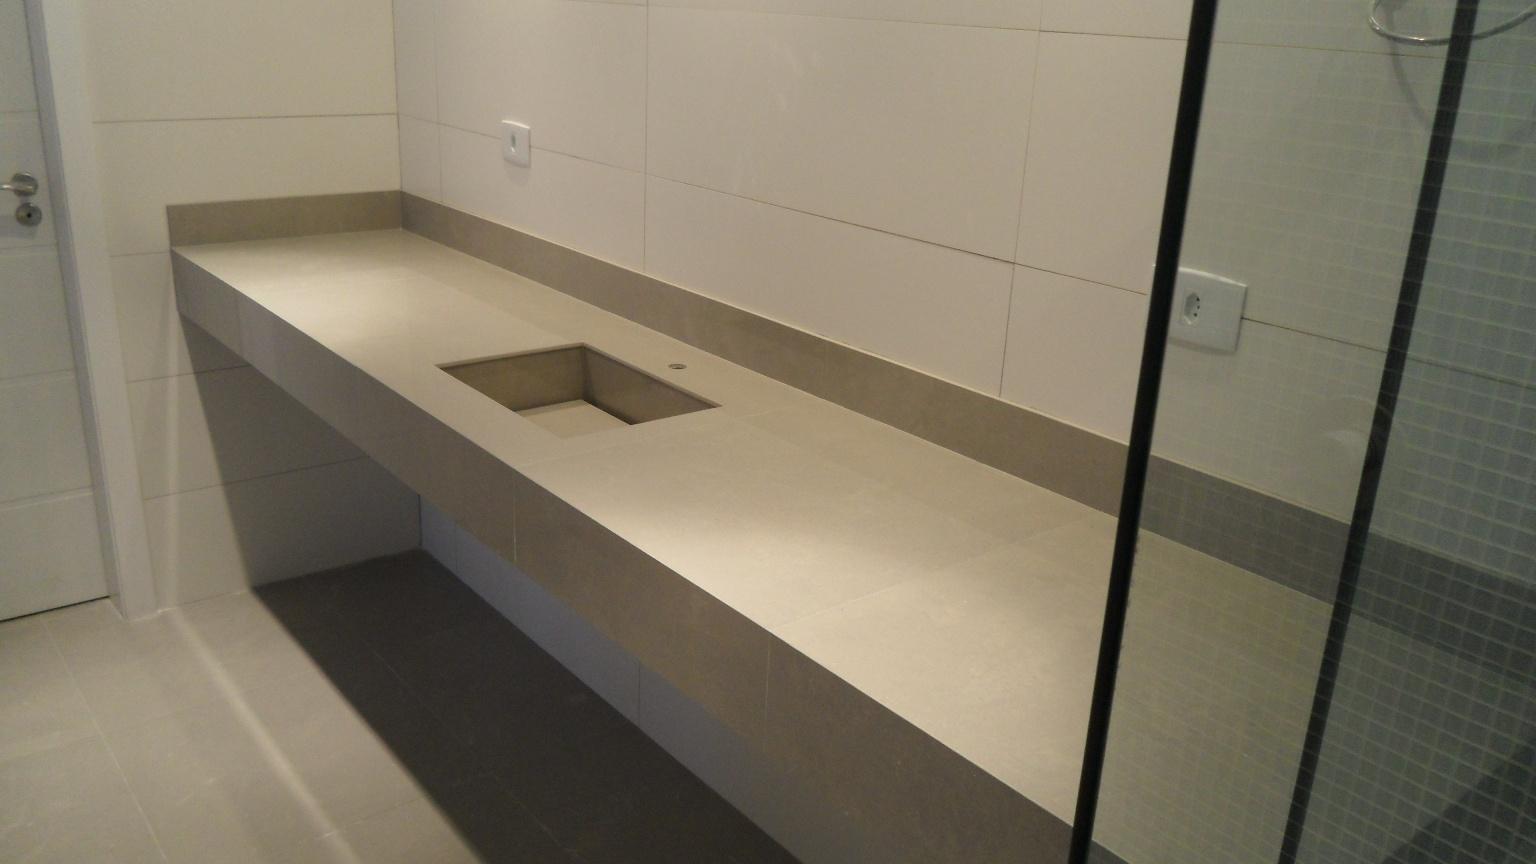 Bancada porcelanato 60 x 60 com cuba porcelanato #8A6F41 1536x864 Banheiro Bancada Porcelanato